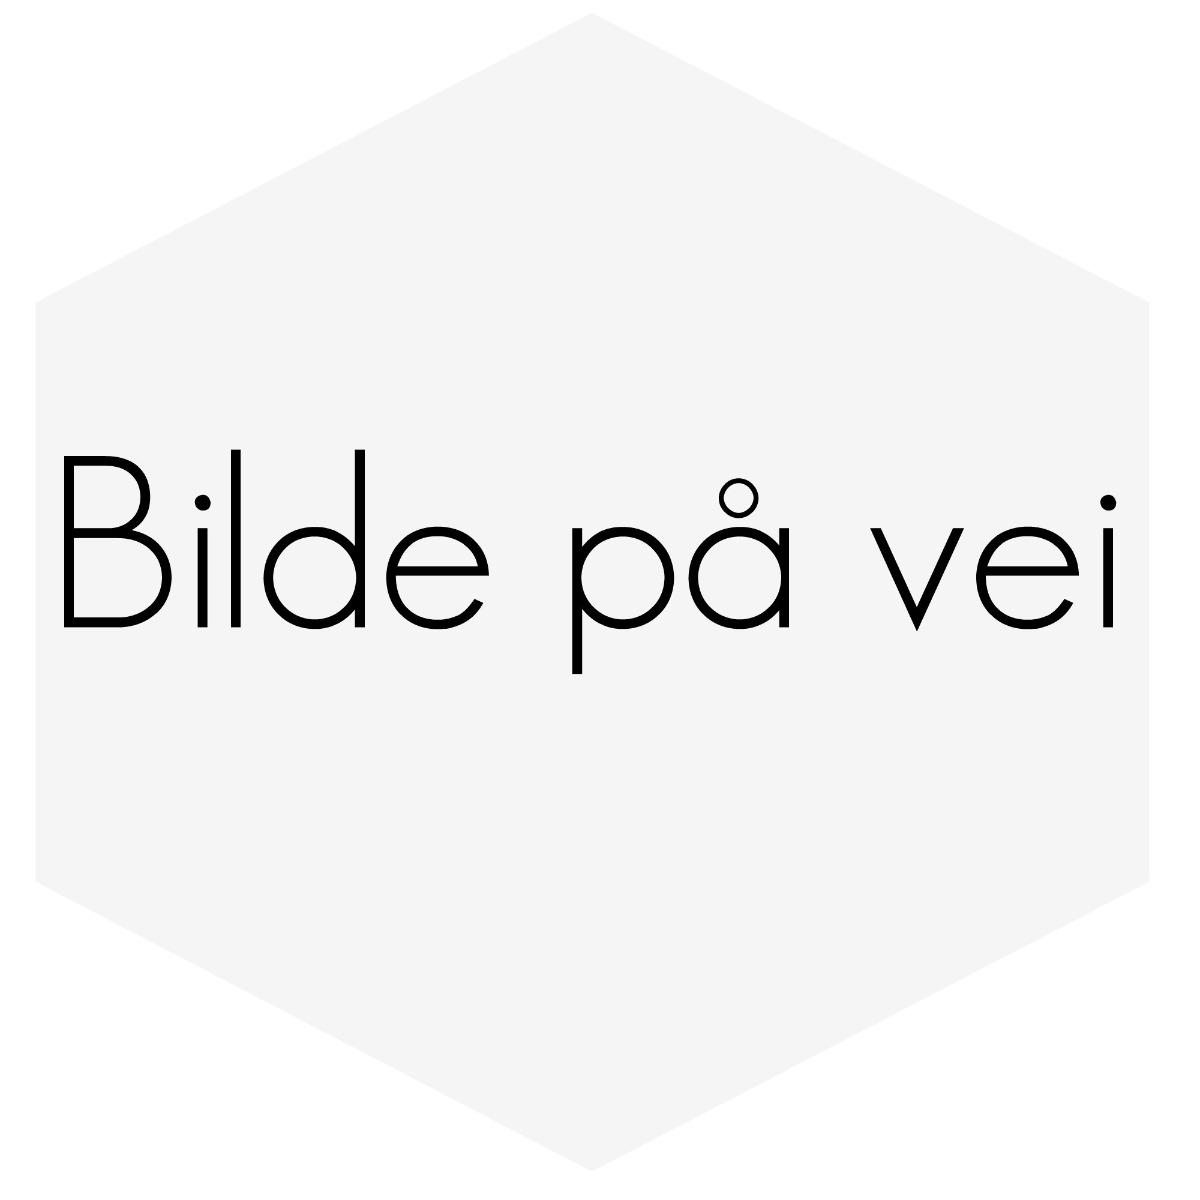 SIDEMARK.LAMPE ORG.ORANGE HØYRE S80>06 9188264